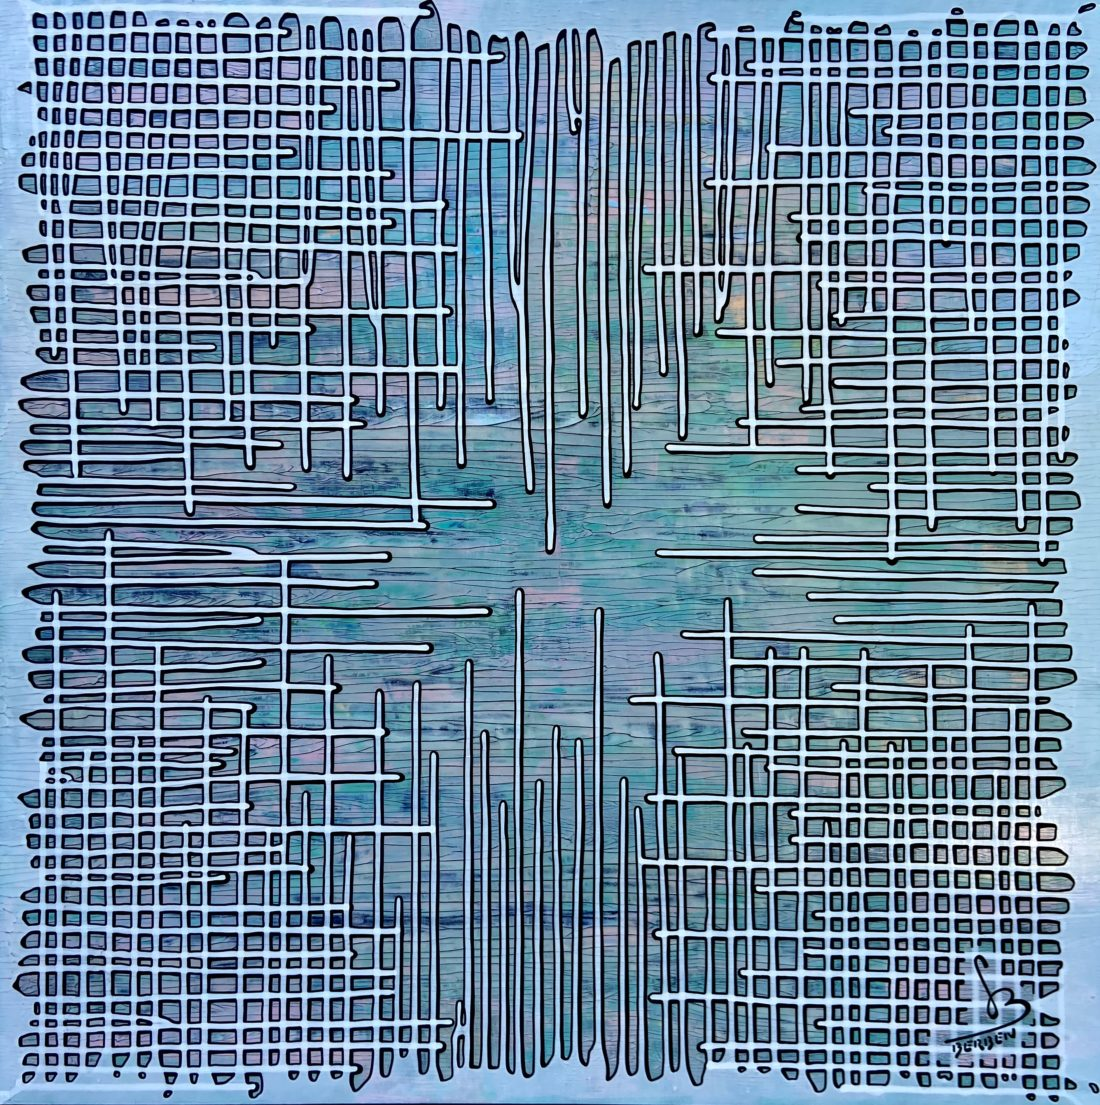 BRAINSTORMING #54 - 100 x 100 cm - Gregory BERBEN - Octobre 2020